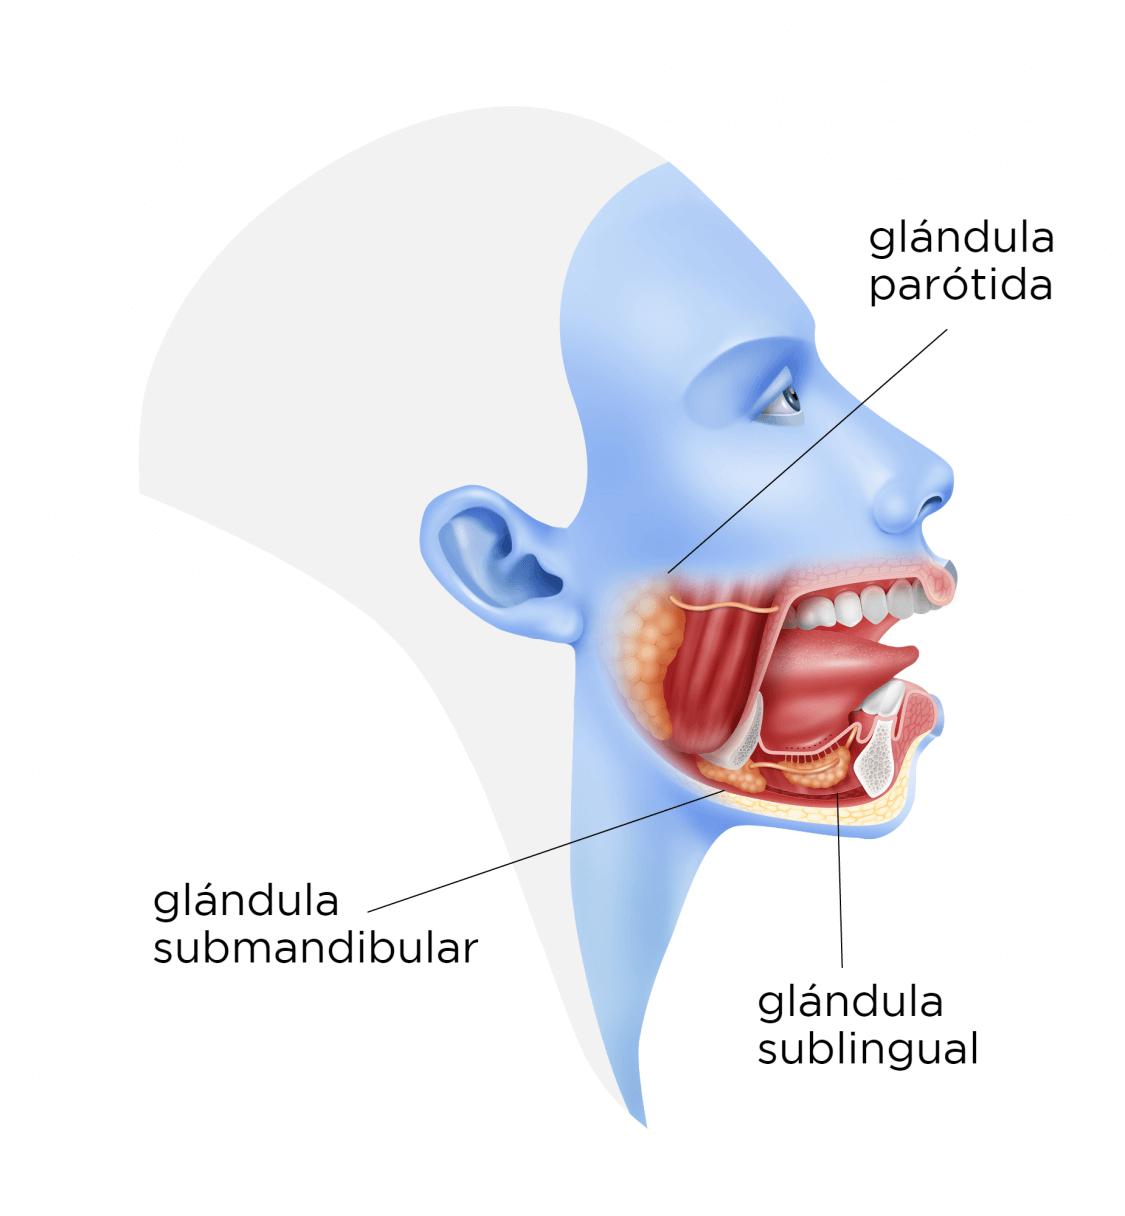 Cancer maxilo-facial